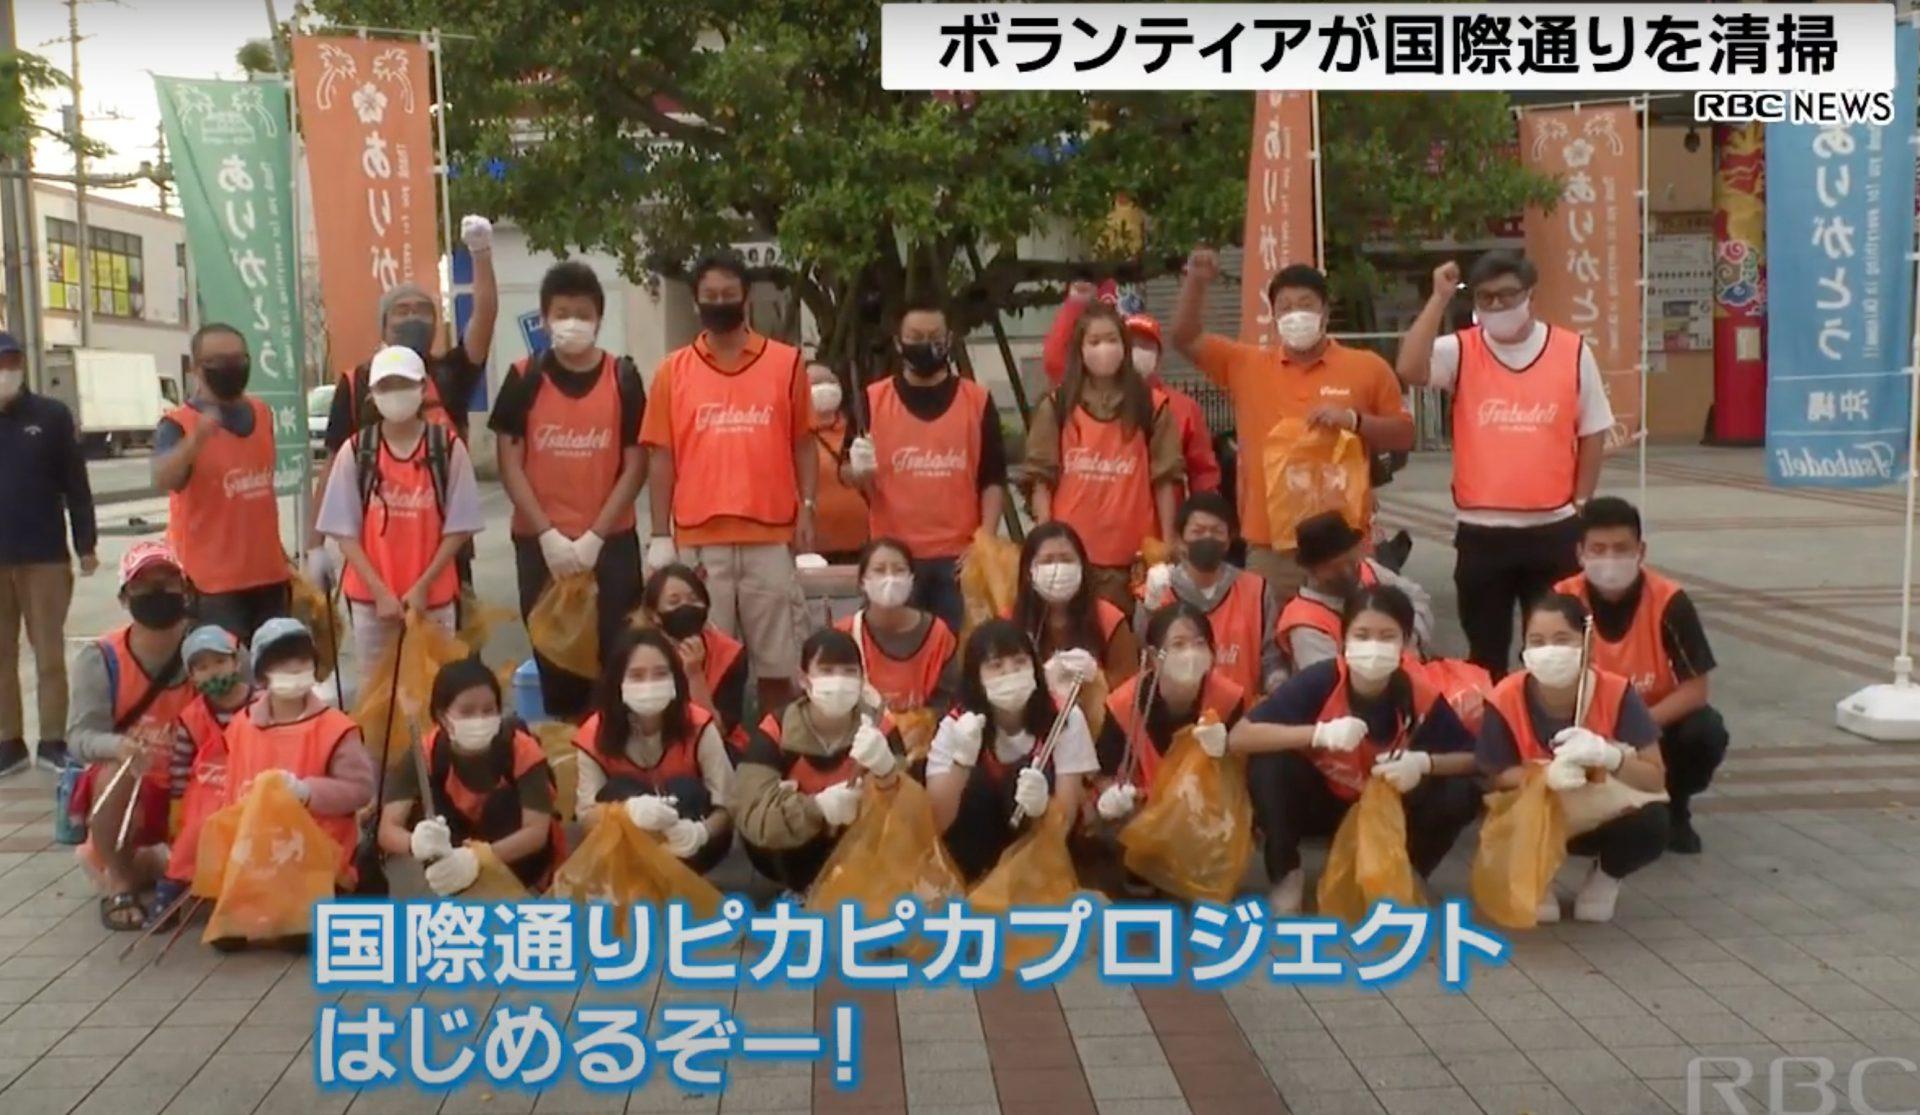 【インターン日記】国際通りピカピカプロジェクト